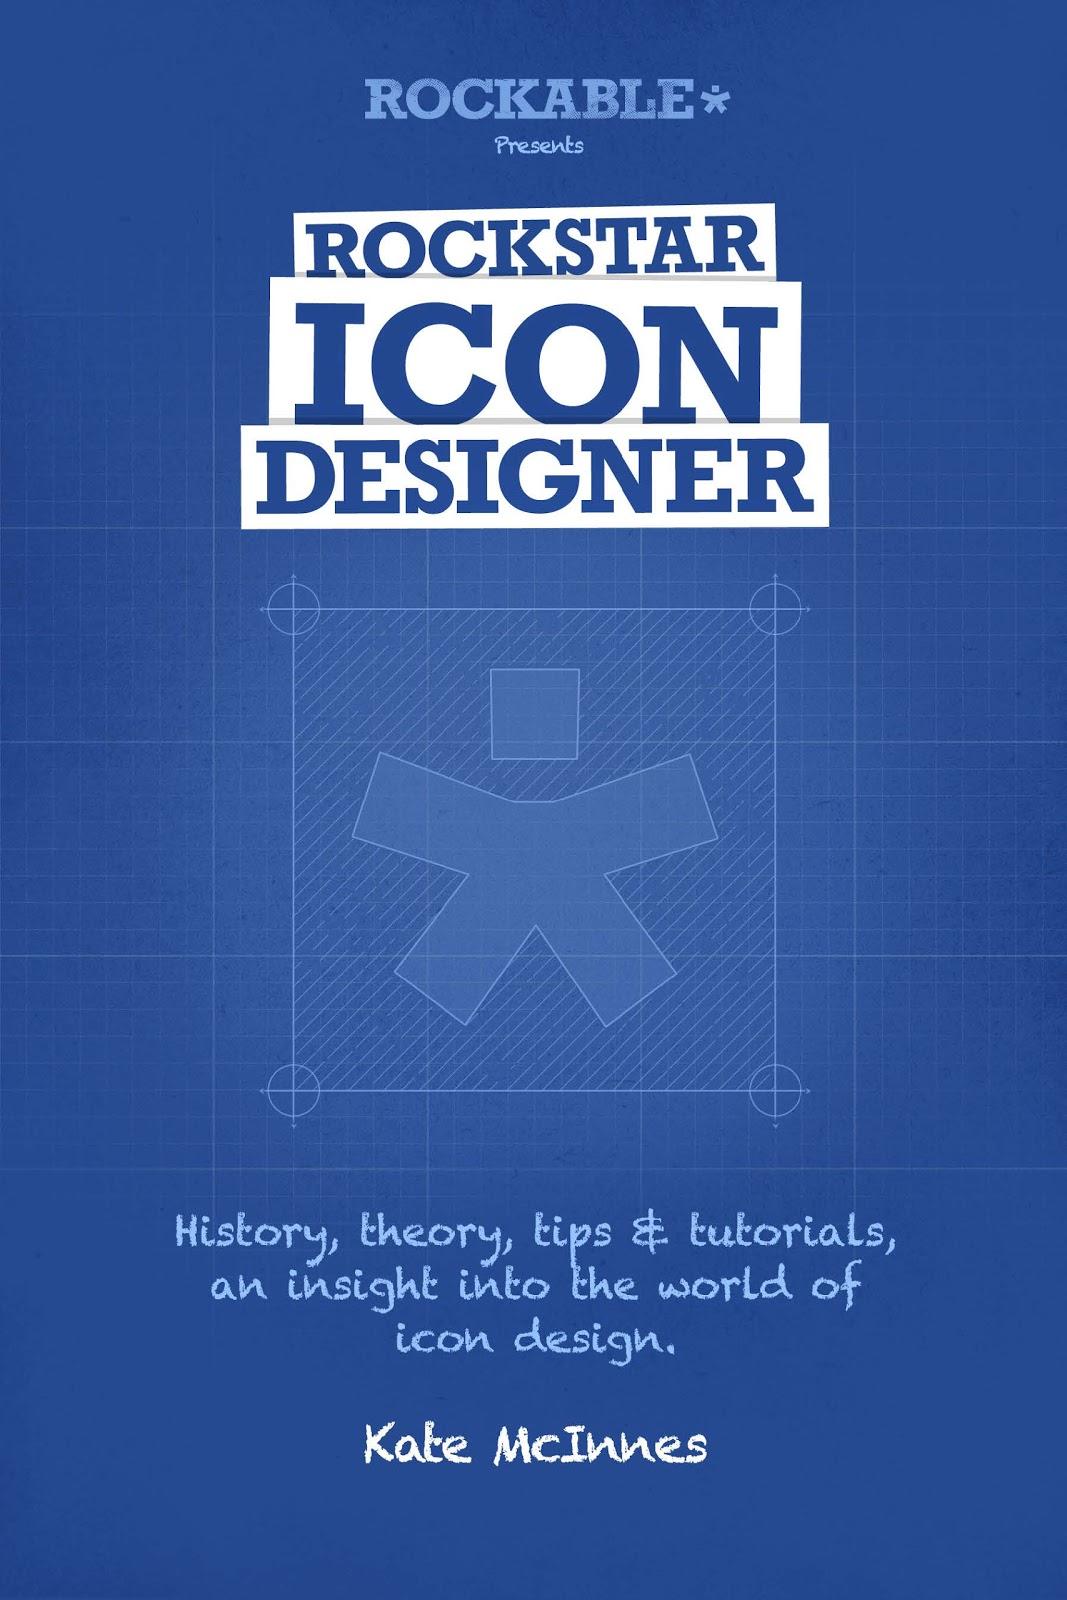 ... designer ebook - Best book for designer ~ Illustrator CS6 Tutorial